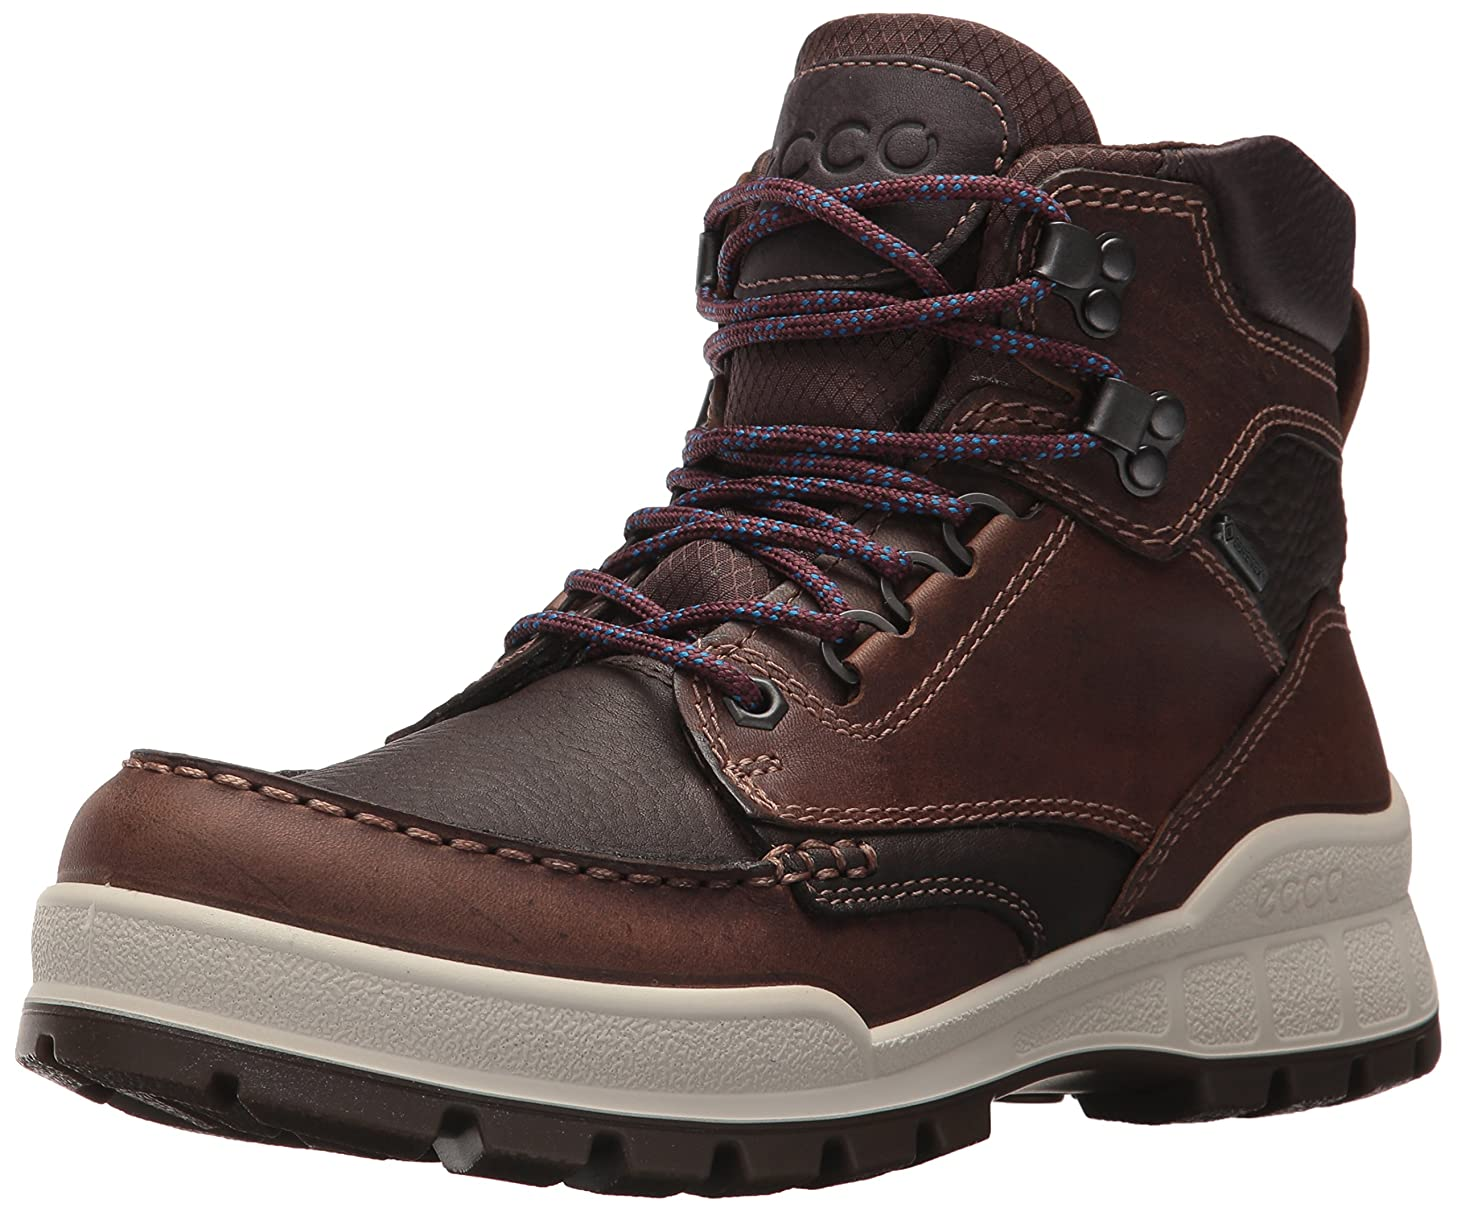 適合ワーディアンケース敗北(4 UK, Brown (Cocoa Brown/coffee/shale)) - ECCO Women's Track 25 Multisport Outdoor Shoes